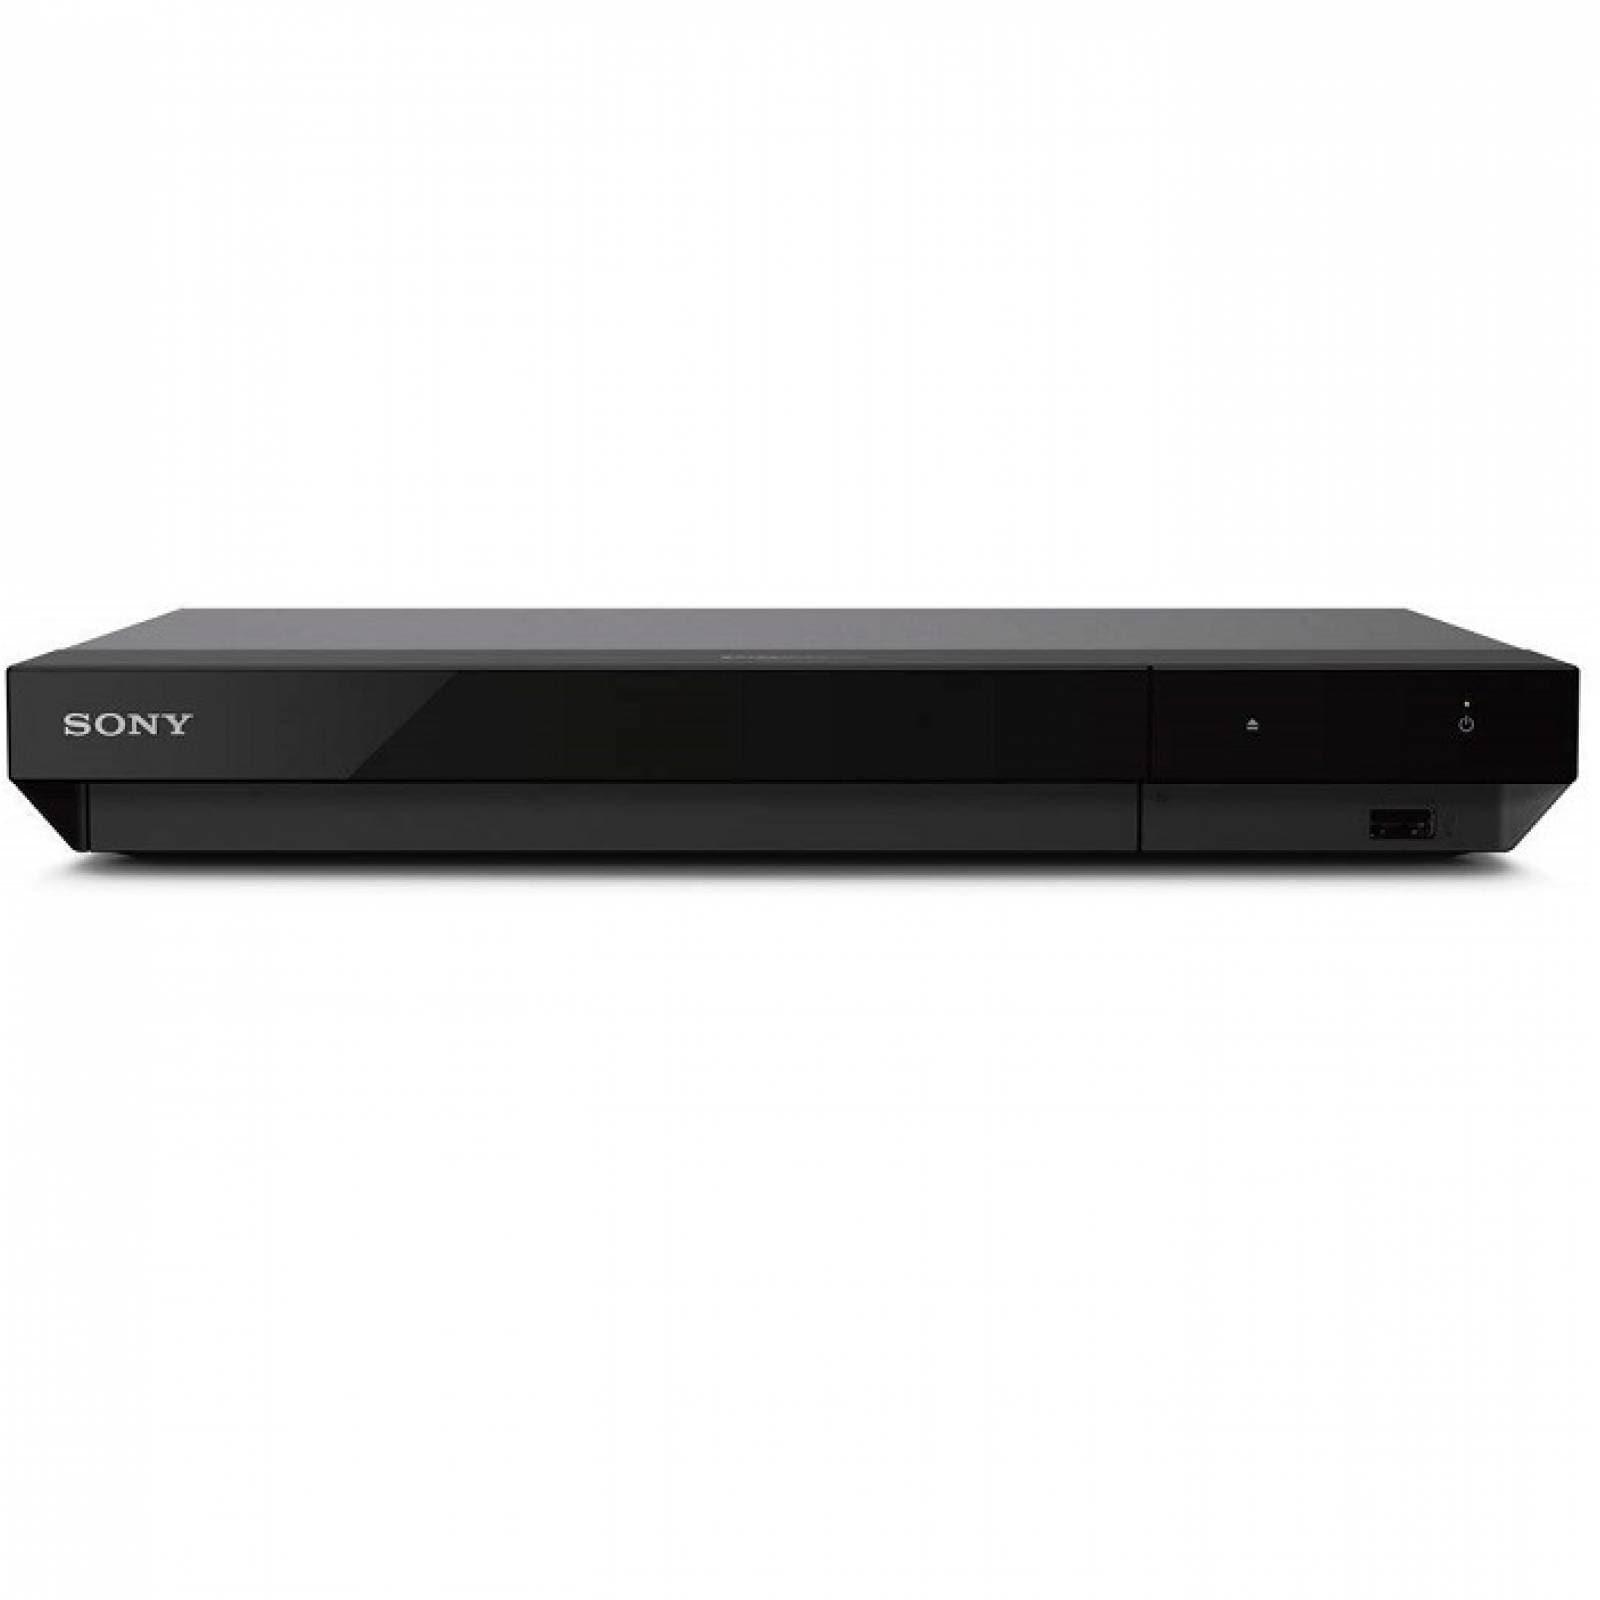 Reproductor bluray SonyDolby Atoms HDMI USB 4K UHD UBP-X700